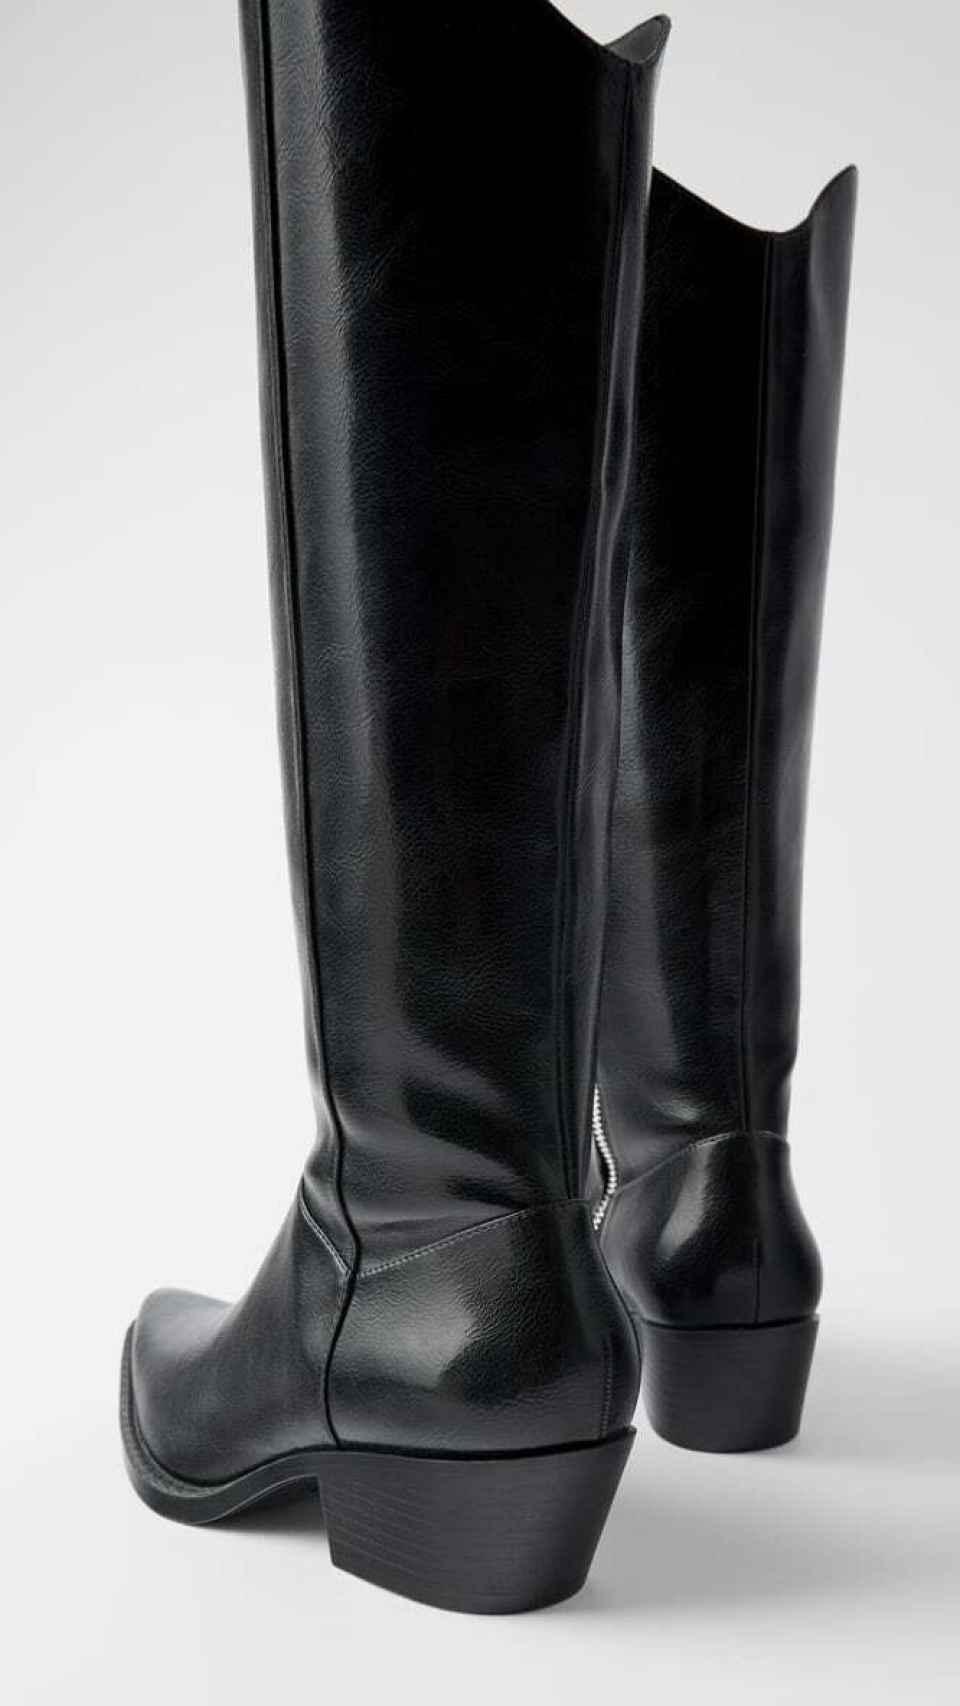 Las botas que ya se han agotado en Zara.